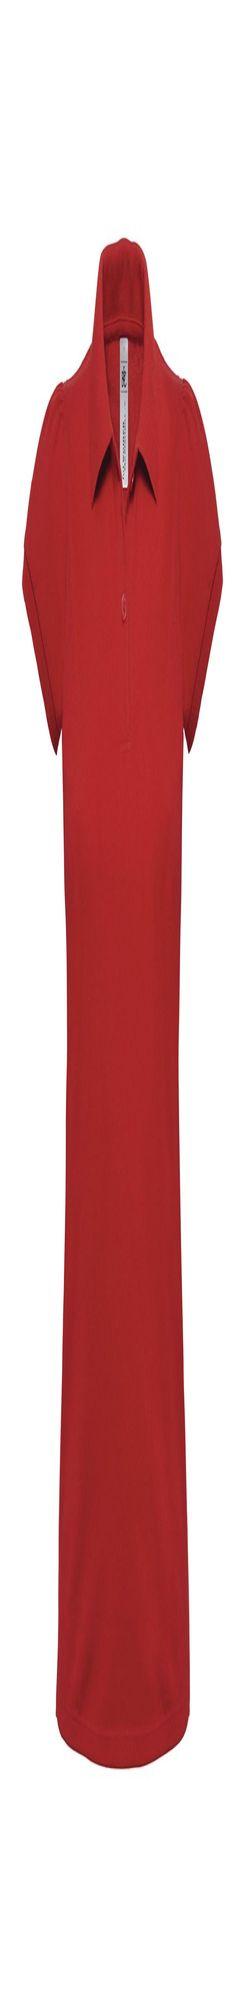 Рубашка поло женская Heavymill красная фото